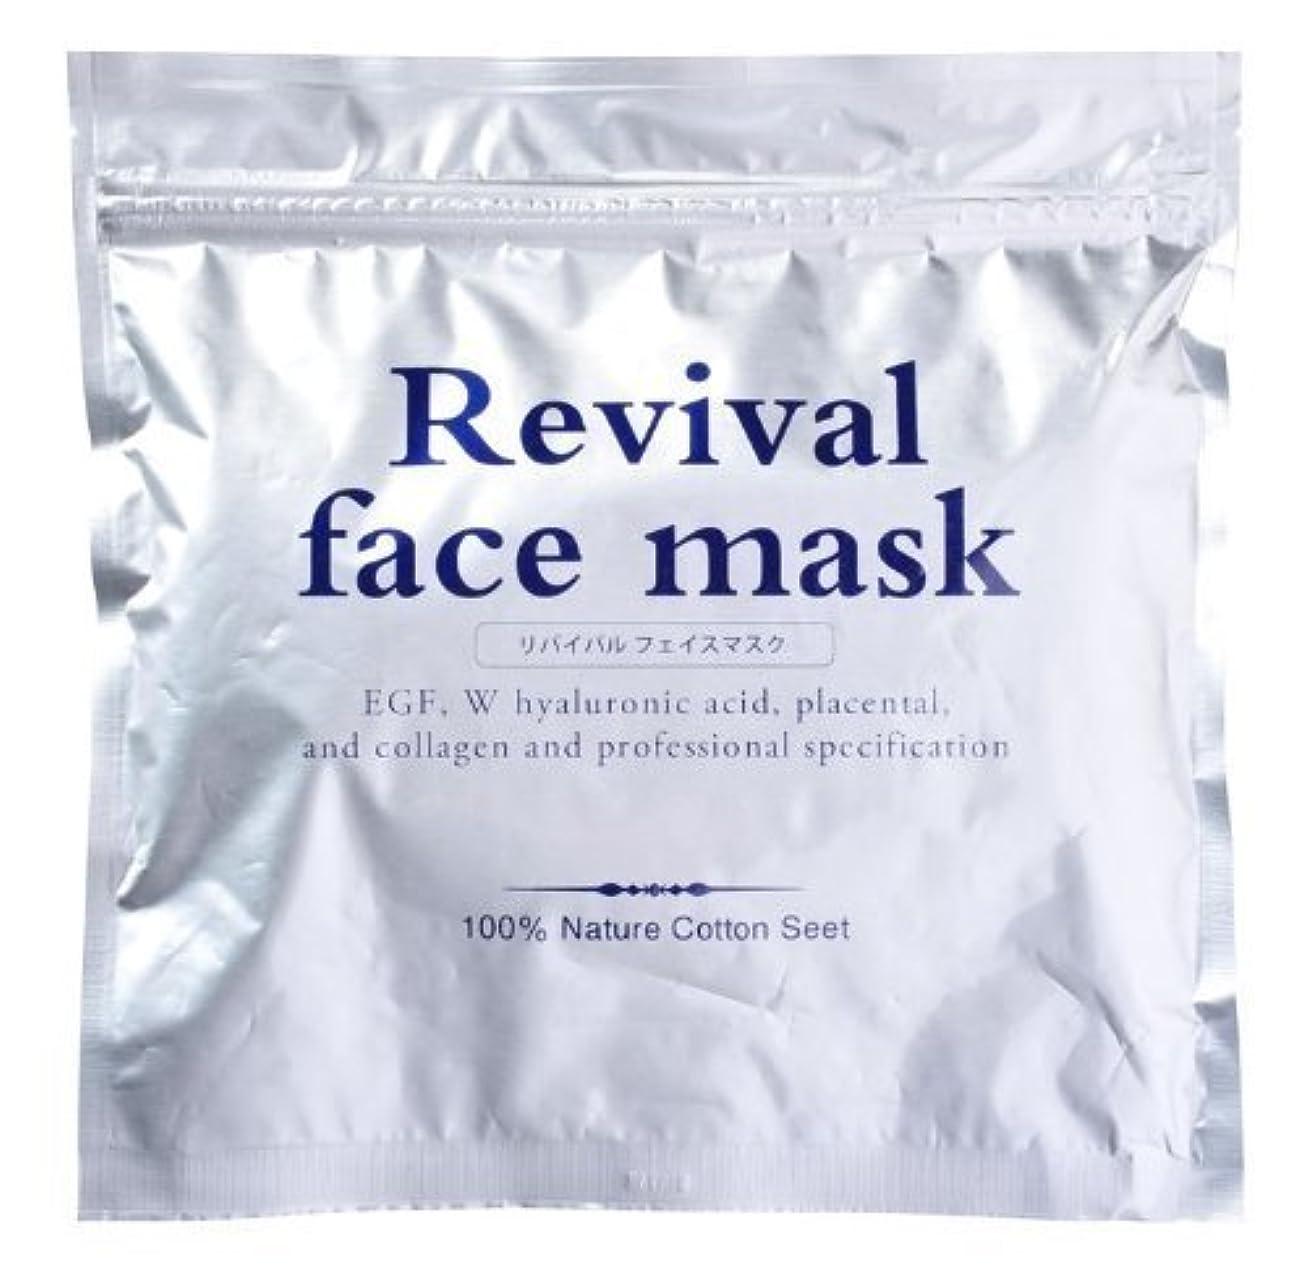 ドールレンディション流暢リバイバル フェイスマスク 30枚